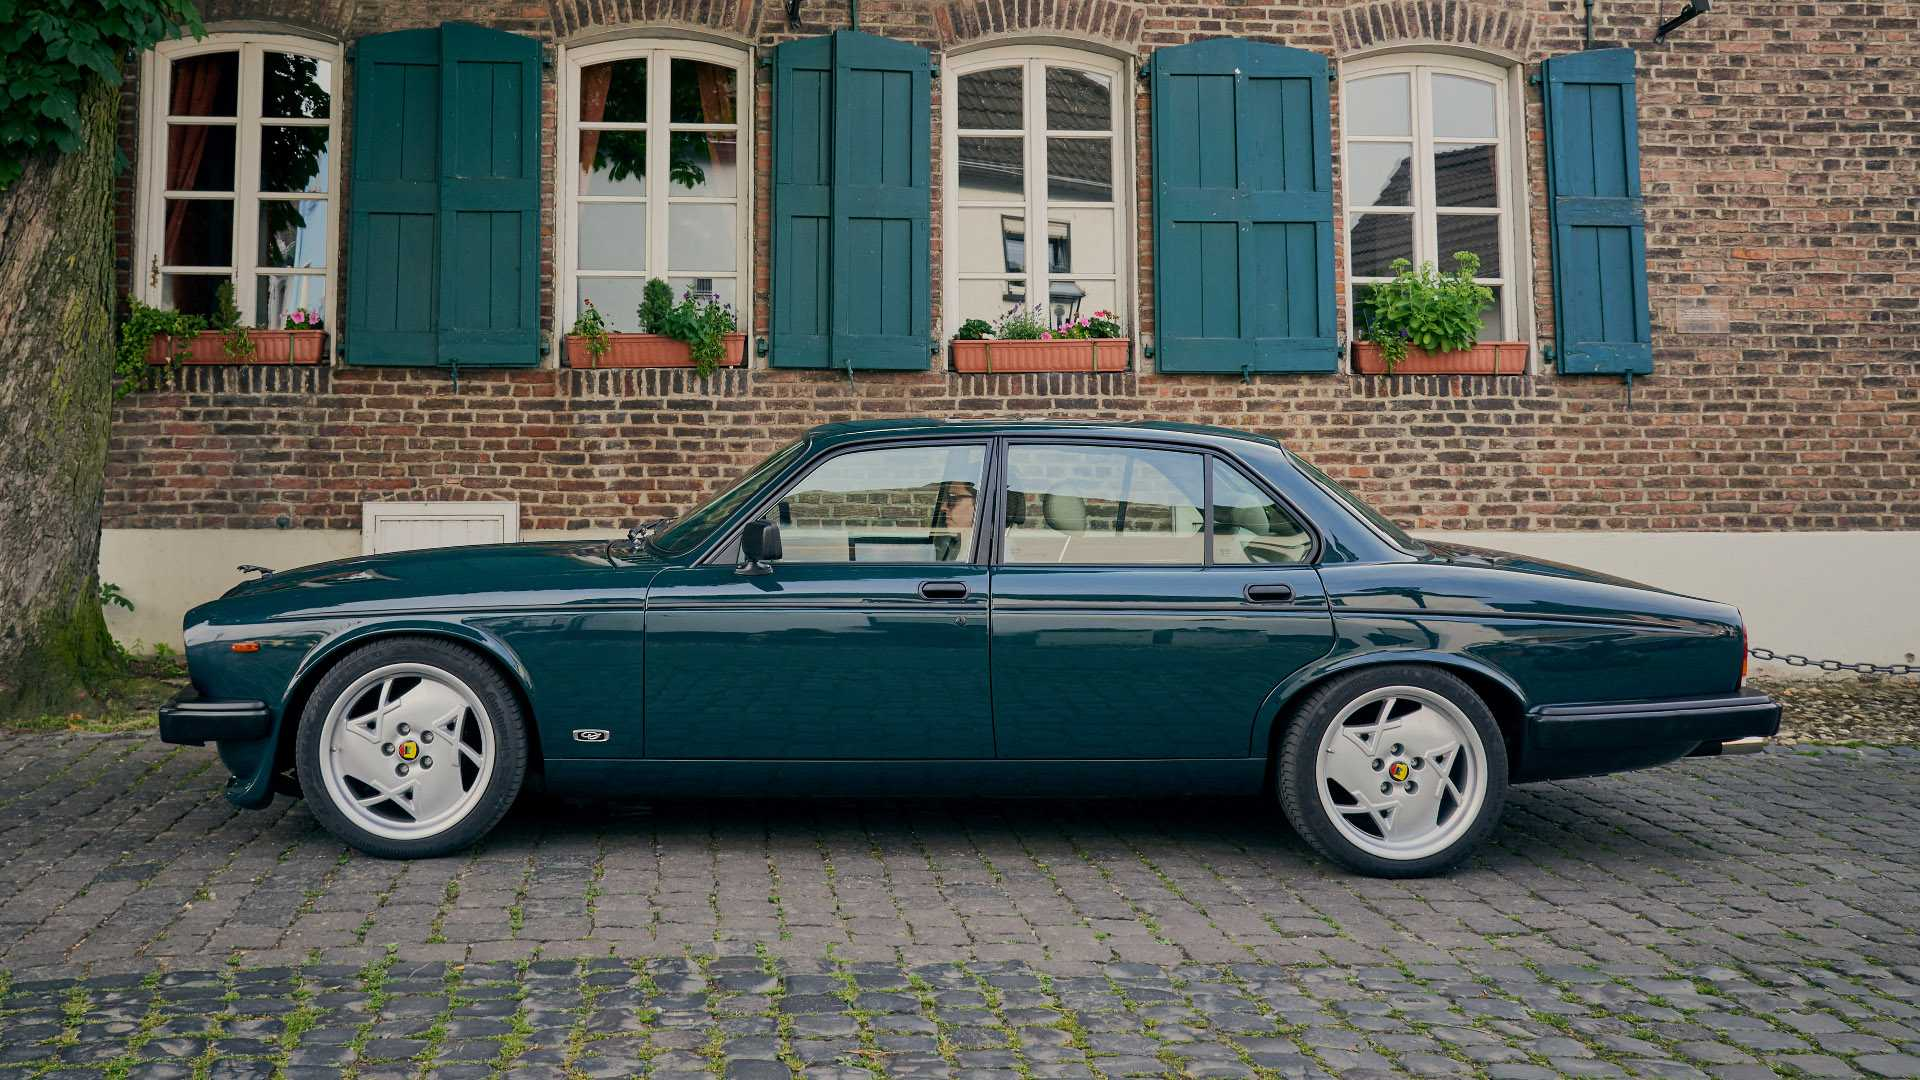 Arden_AJ_4_Jaguar_XJ12_0002